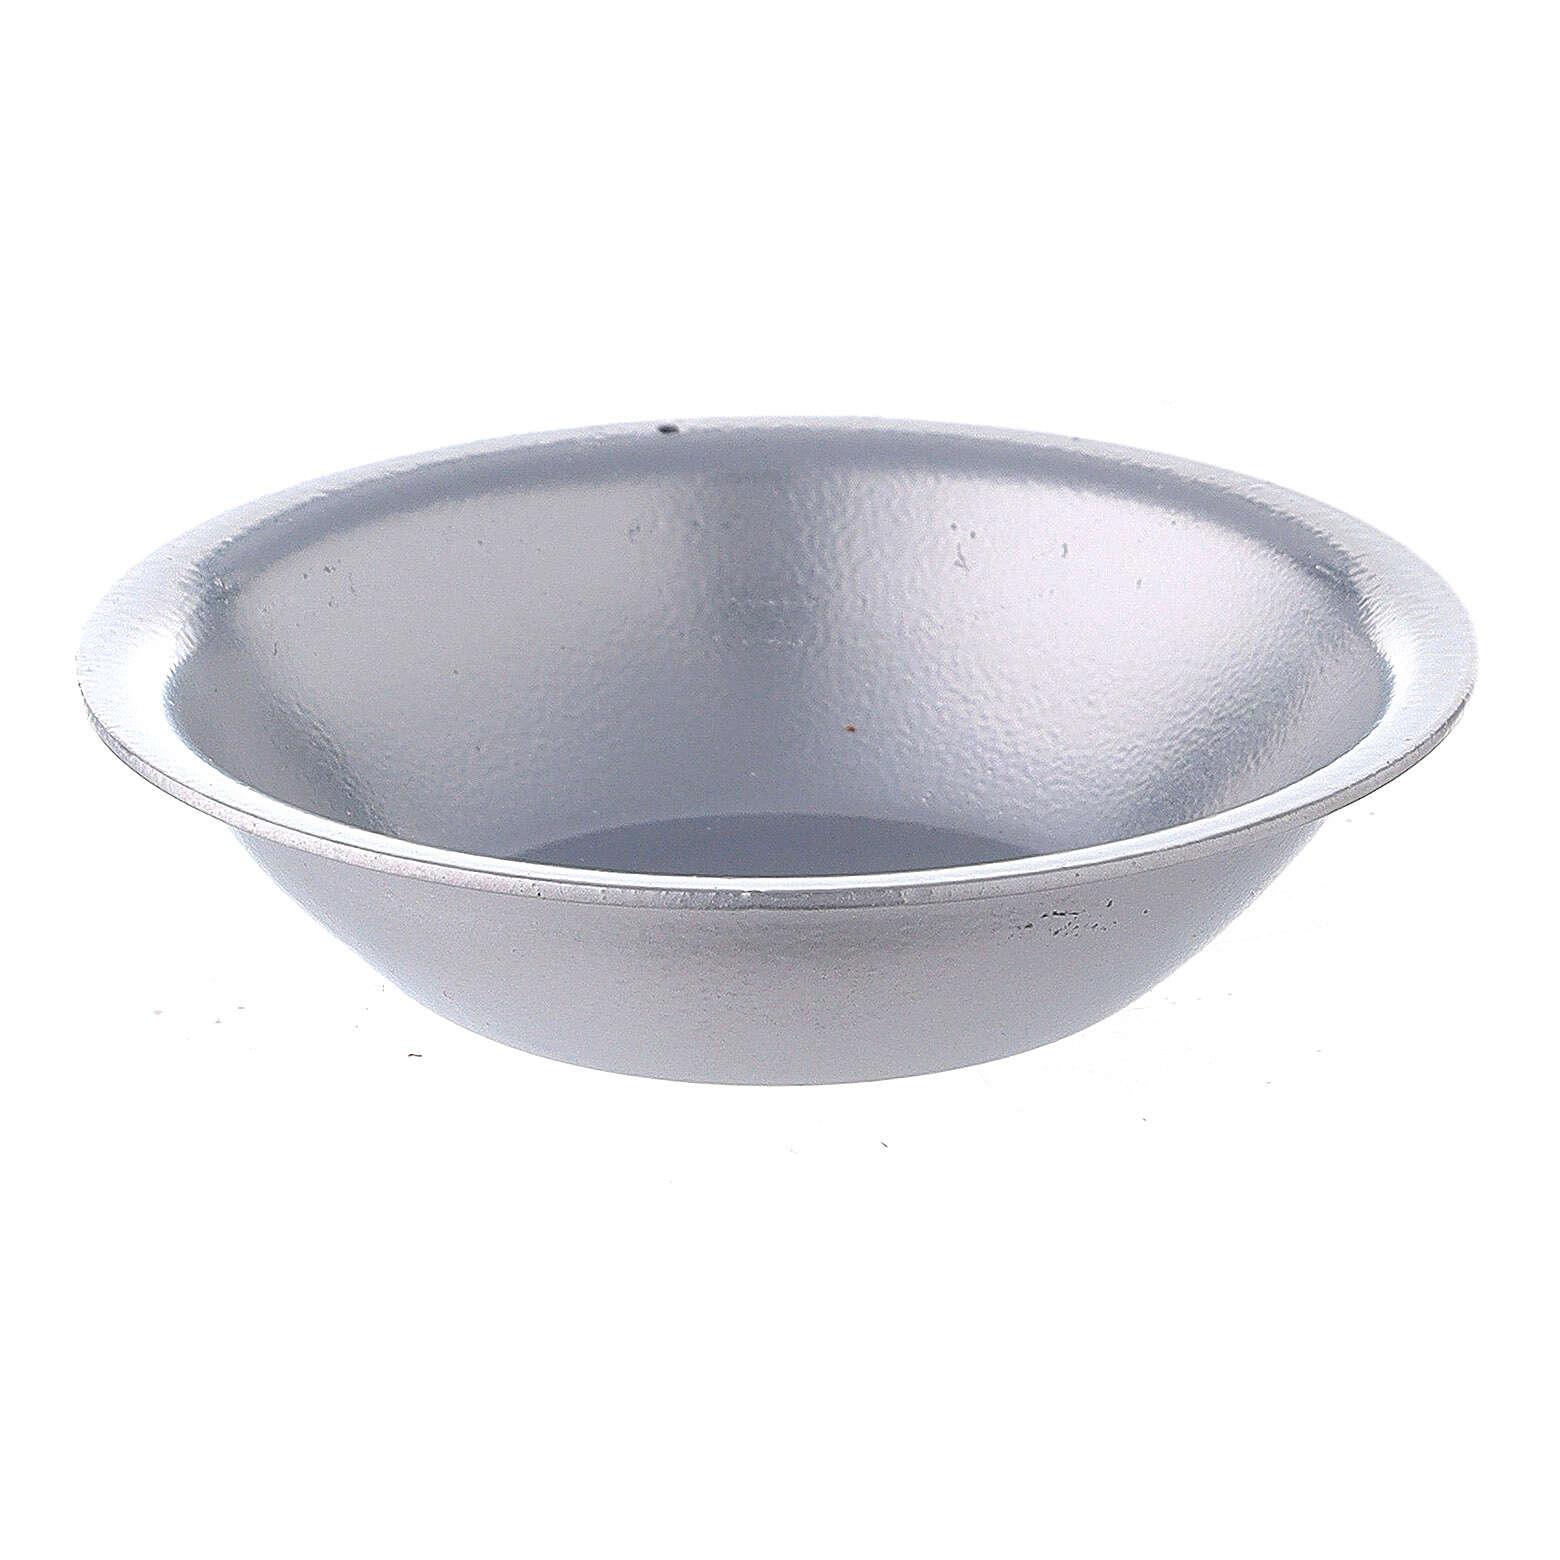 Silver essential oil bowl for incense burner 3